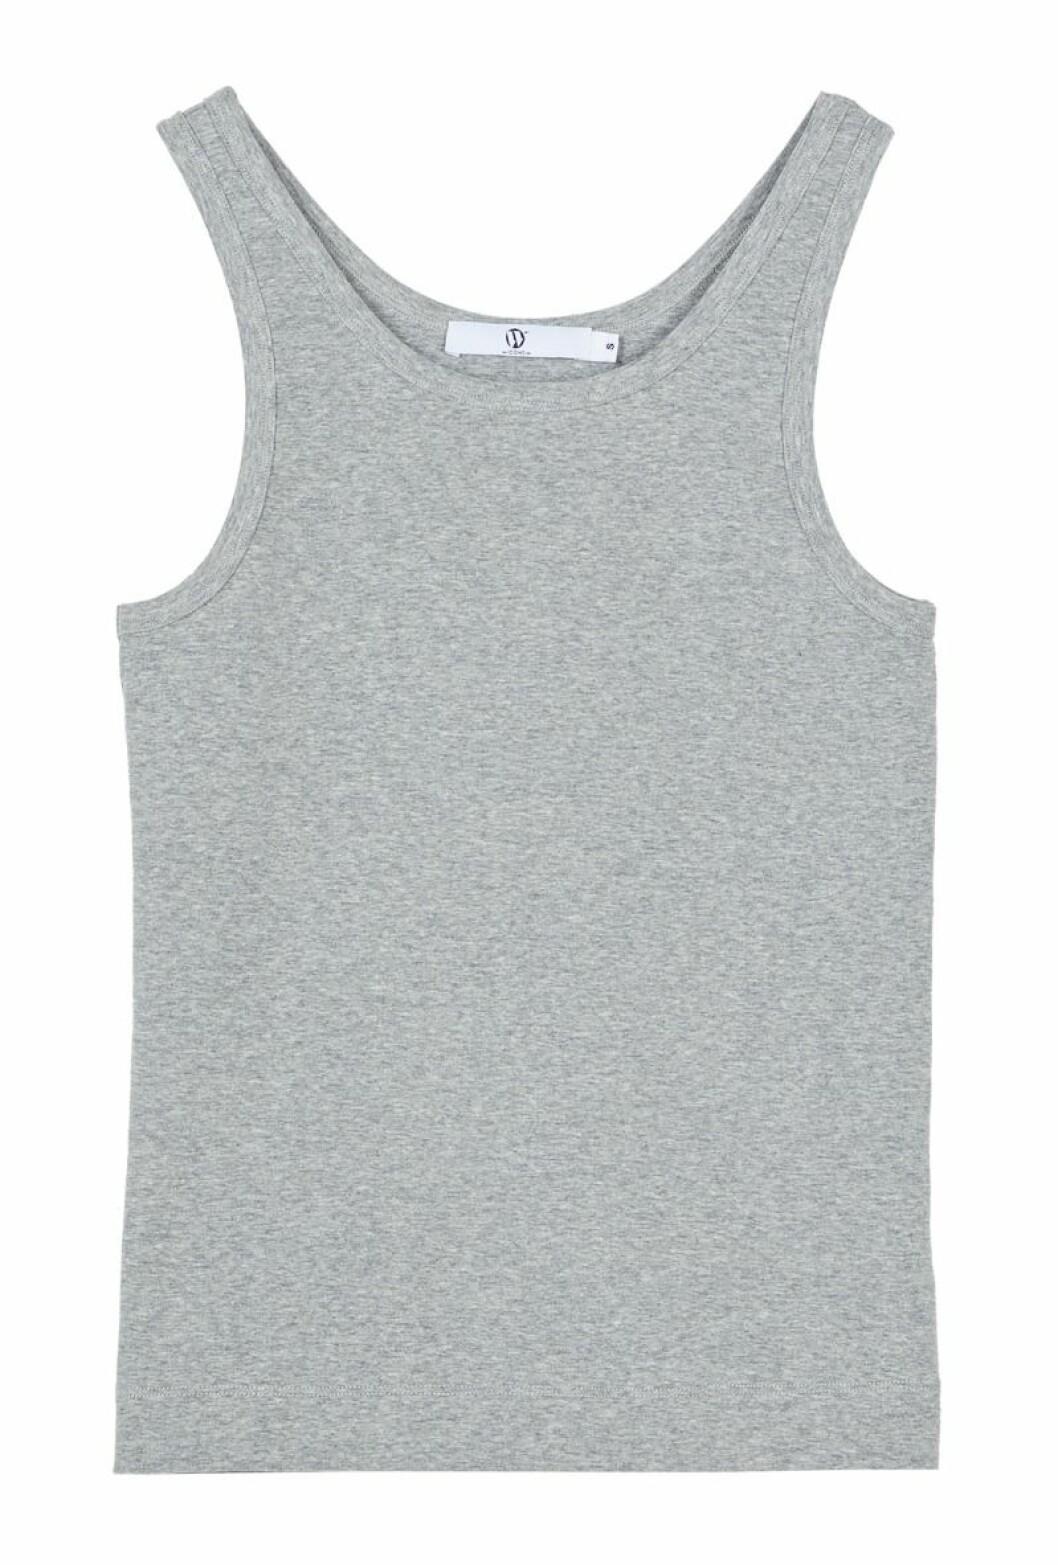 Ljusgrått linne i stilren modell